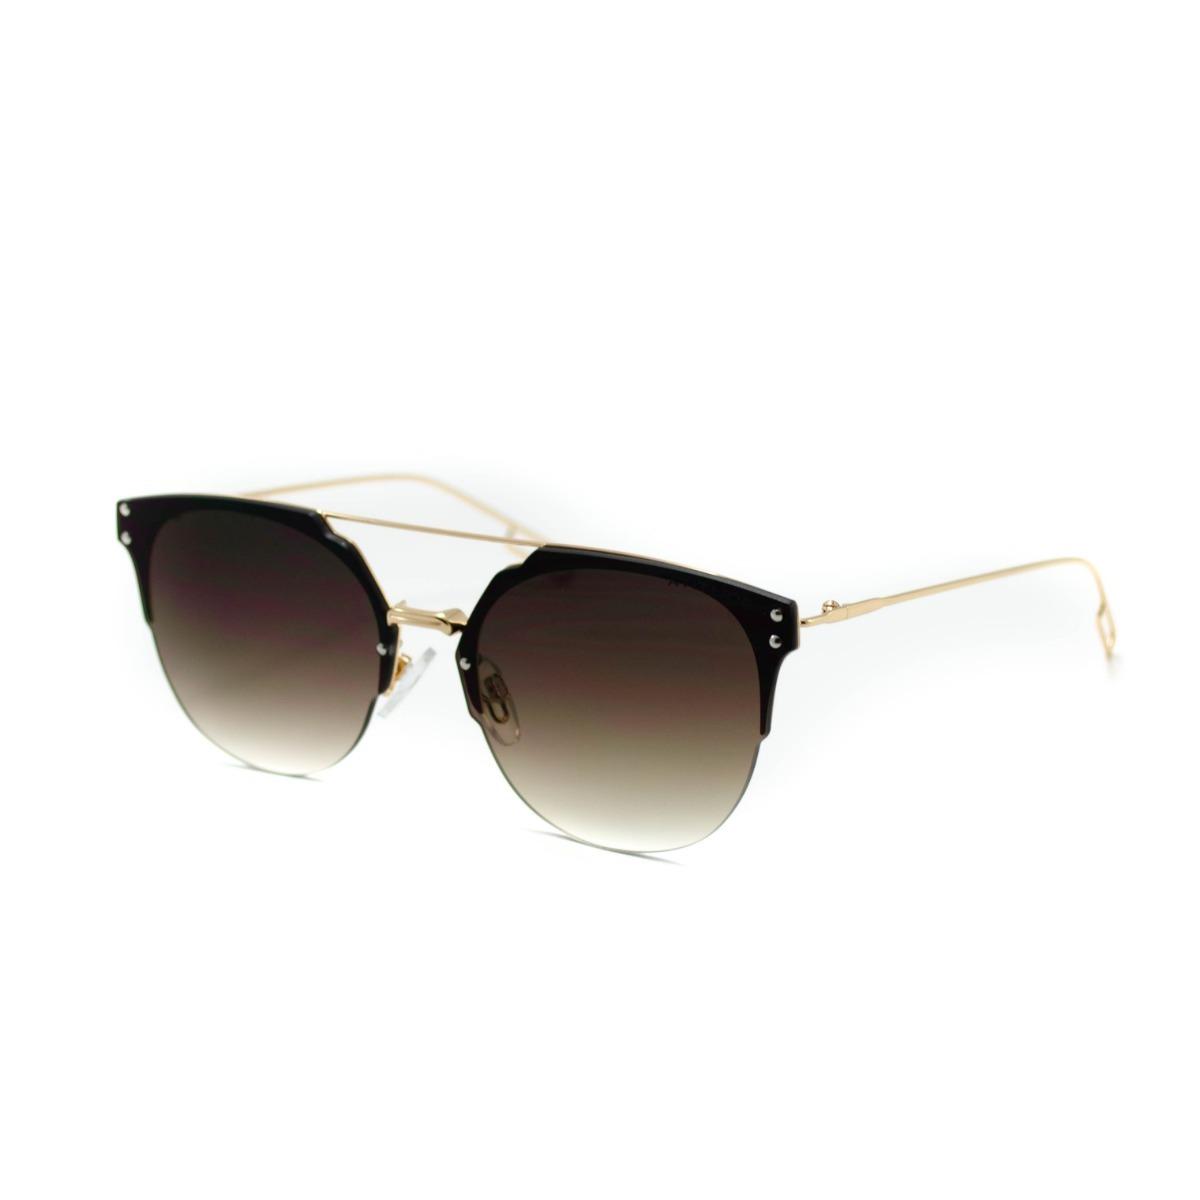 Óculos De Sol Atitude - At3179 04a - R  179,99 em Mercado Livre e3724c3115